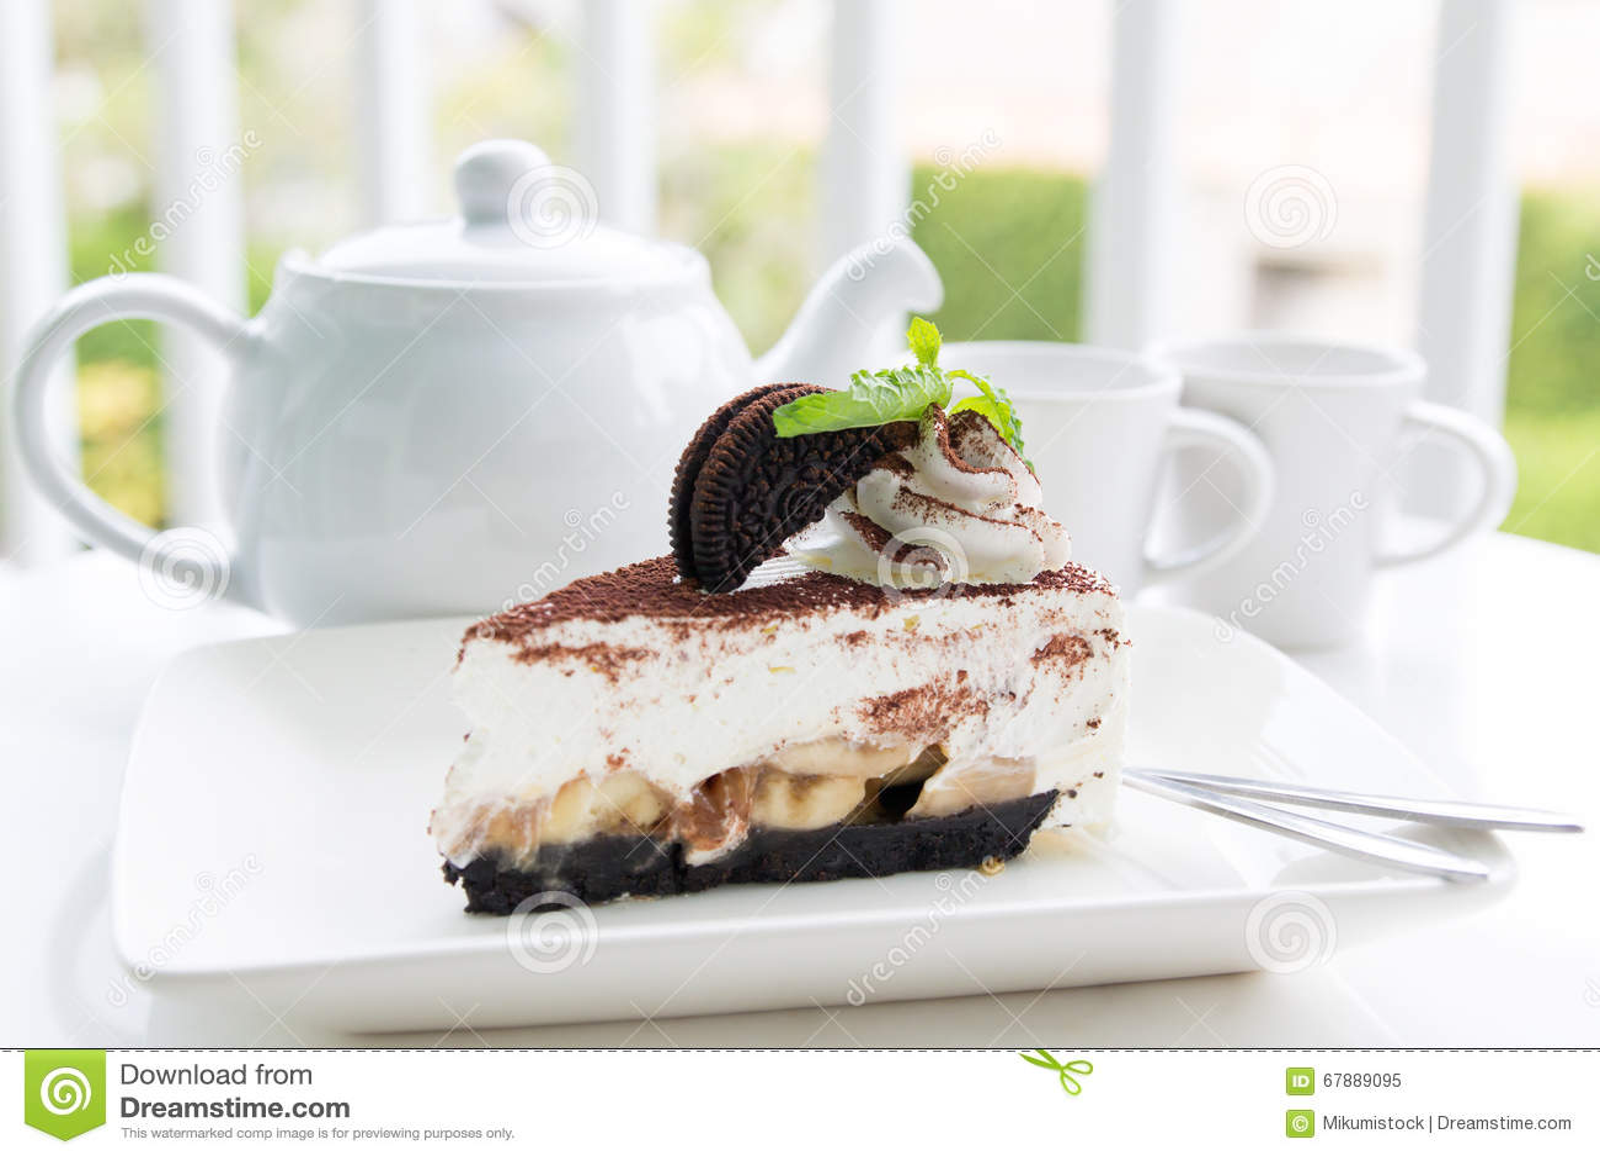 与茶具的巧克力蛋糕在庭院里